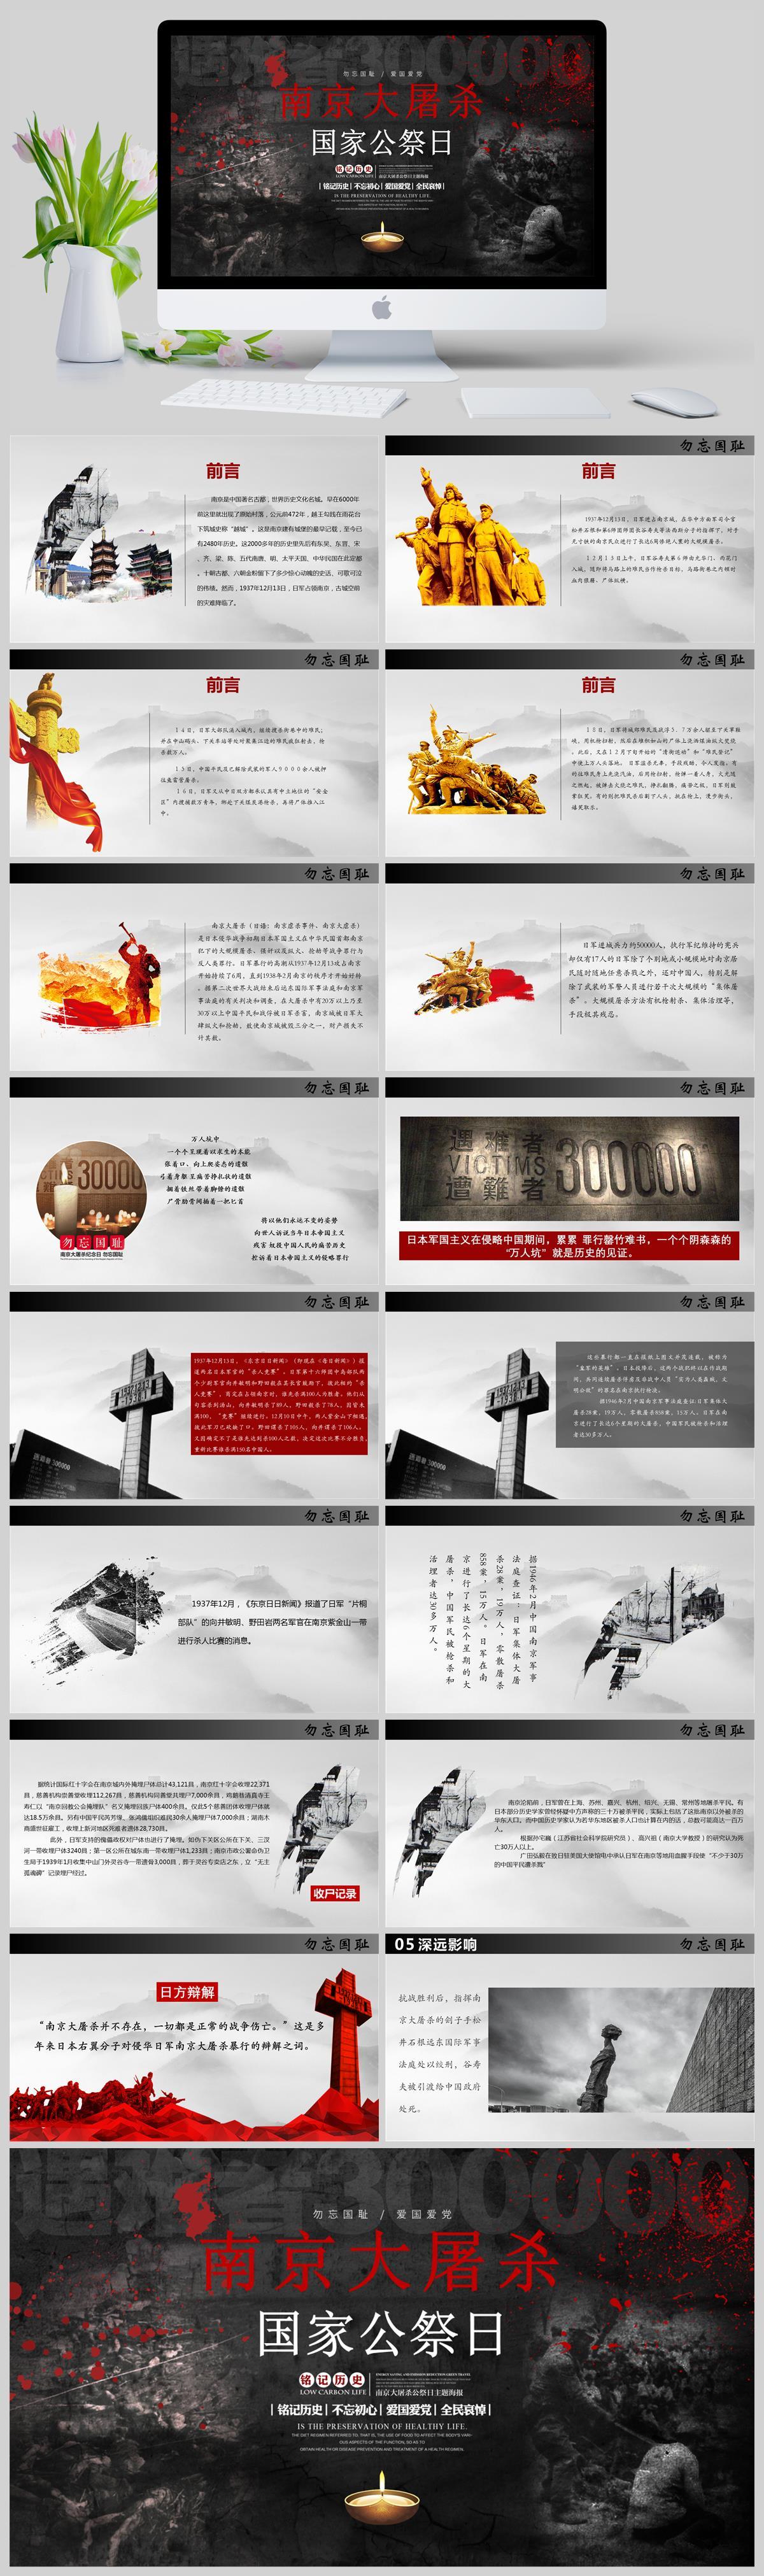 灰色勿忘国耻国家公祭日南京大屠杀纪念日PPT亚博体育主页